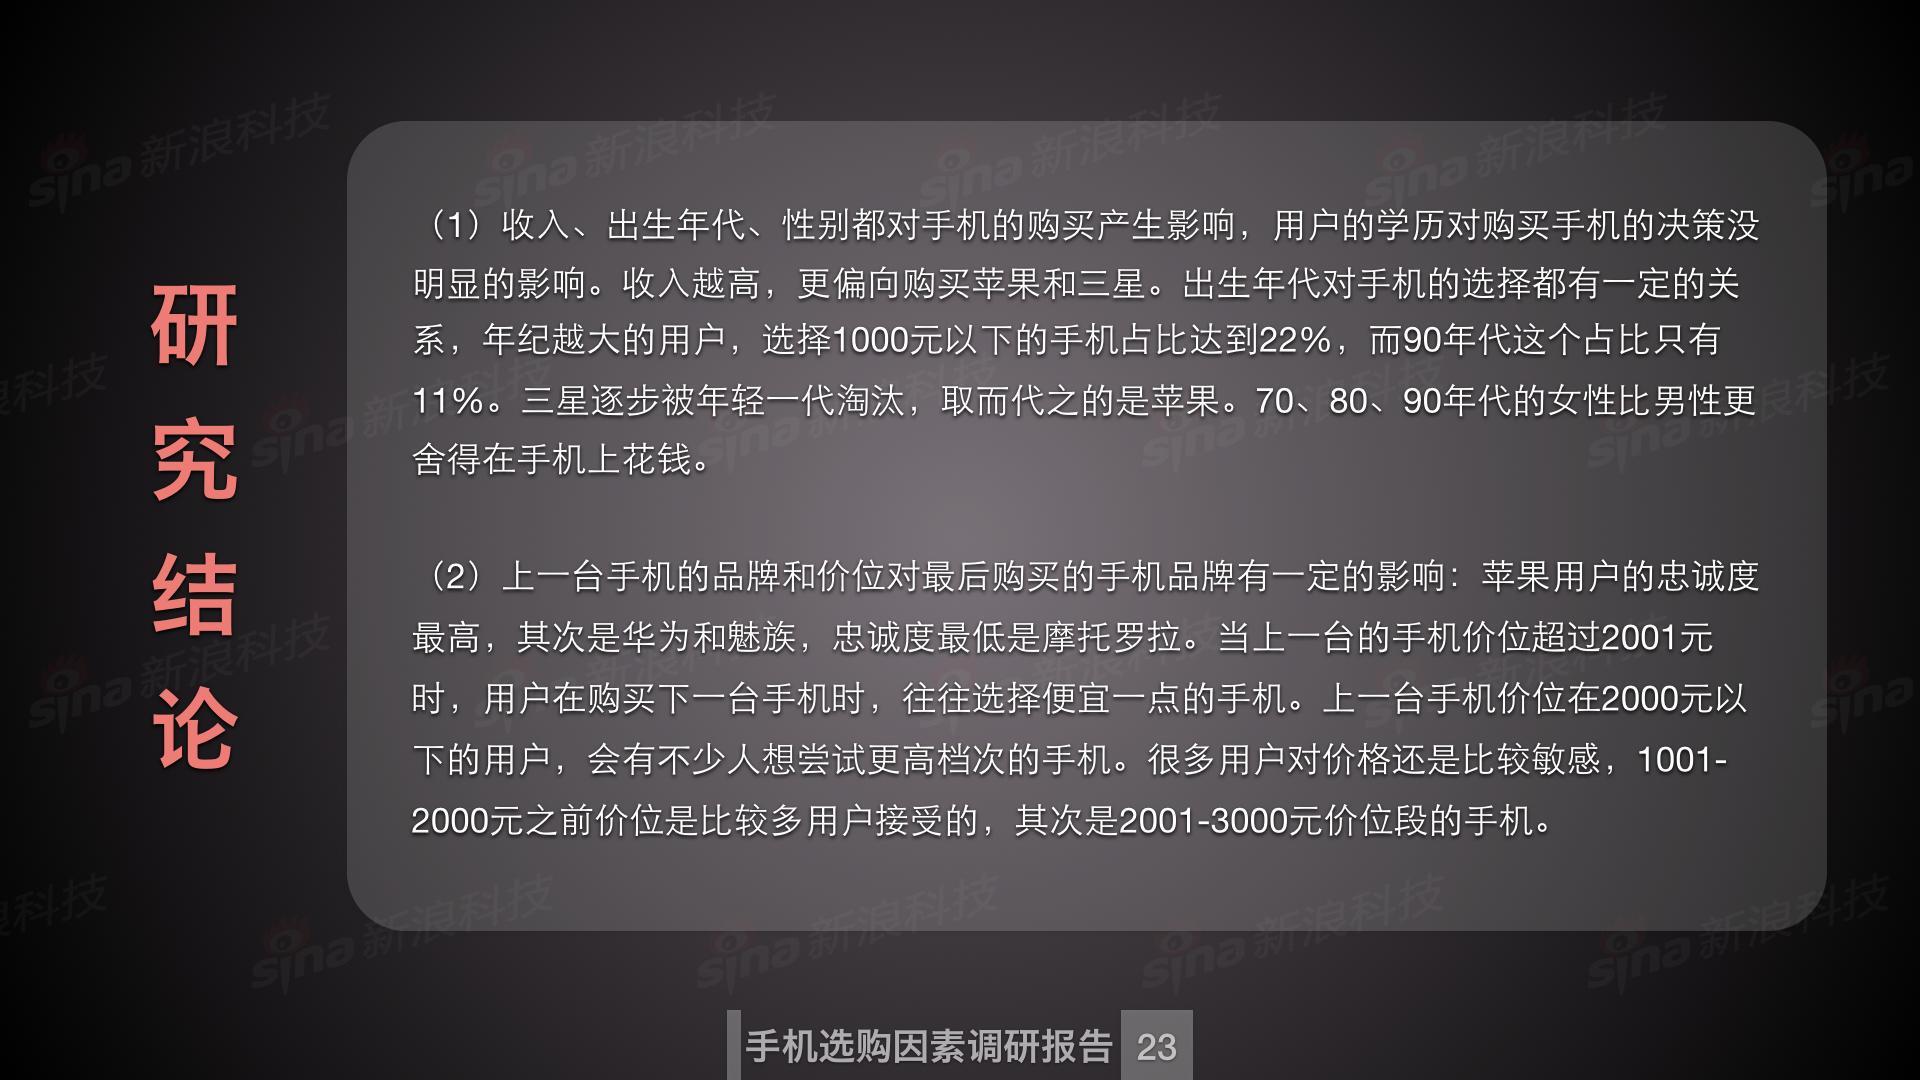 新浪科技数据中心_购买手机因素调研.024